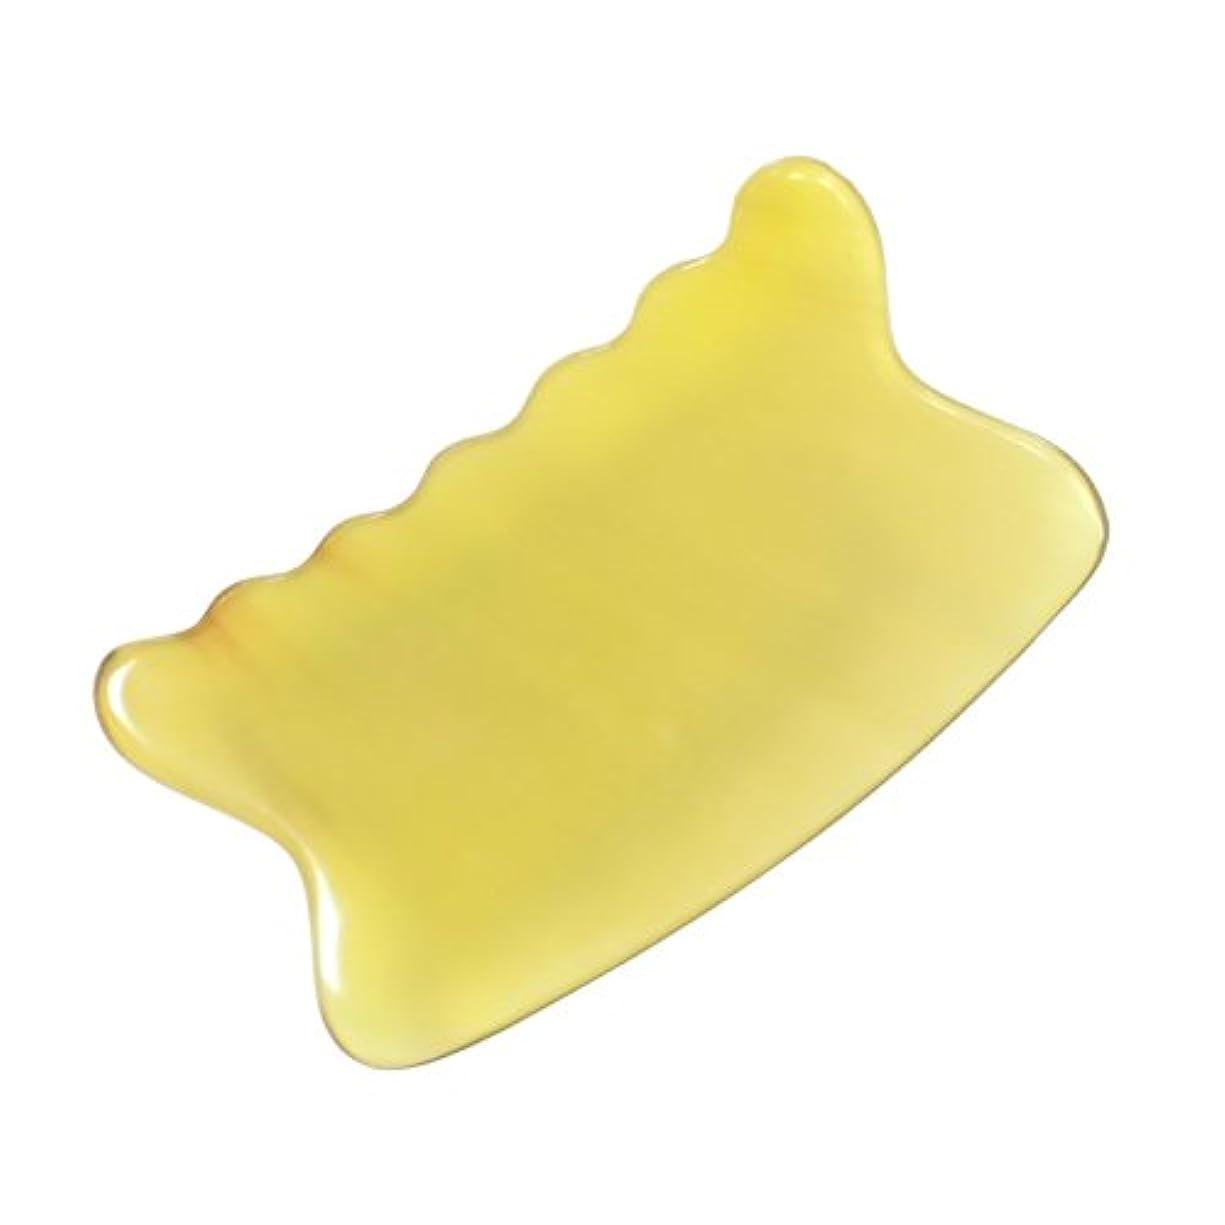 ワークショップ満足まあかっさ プレート 希少63 黄水牛角 極美品 曲波型